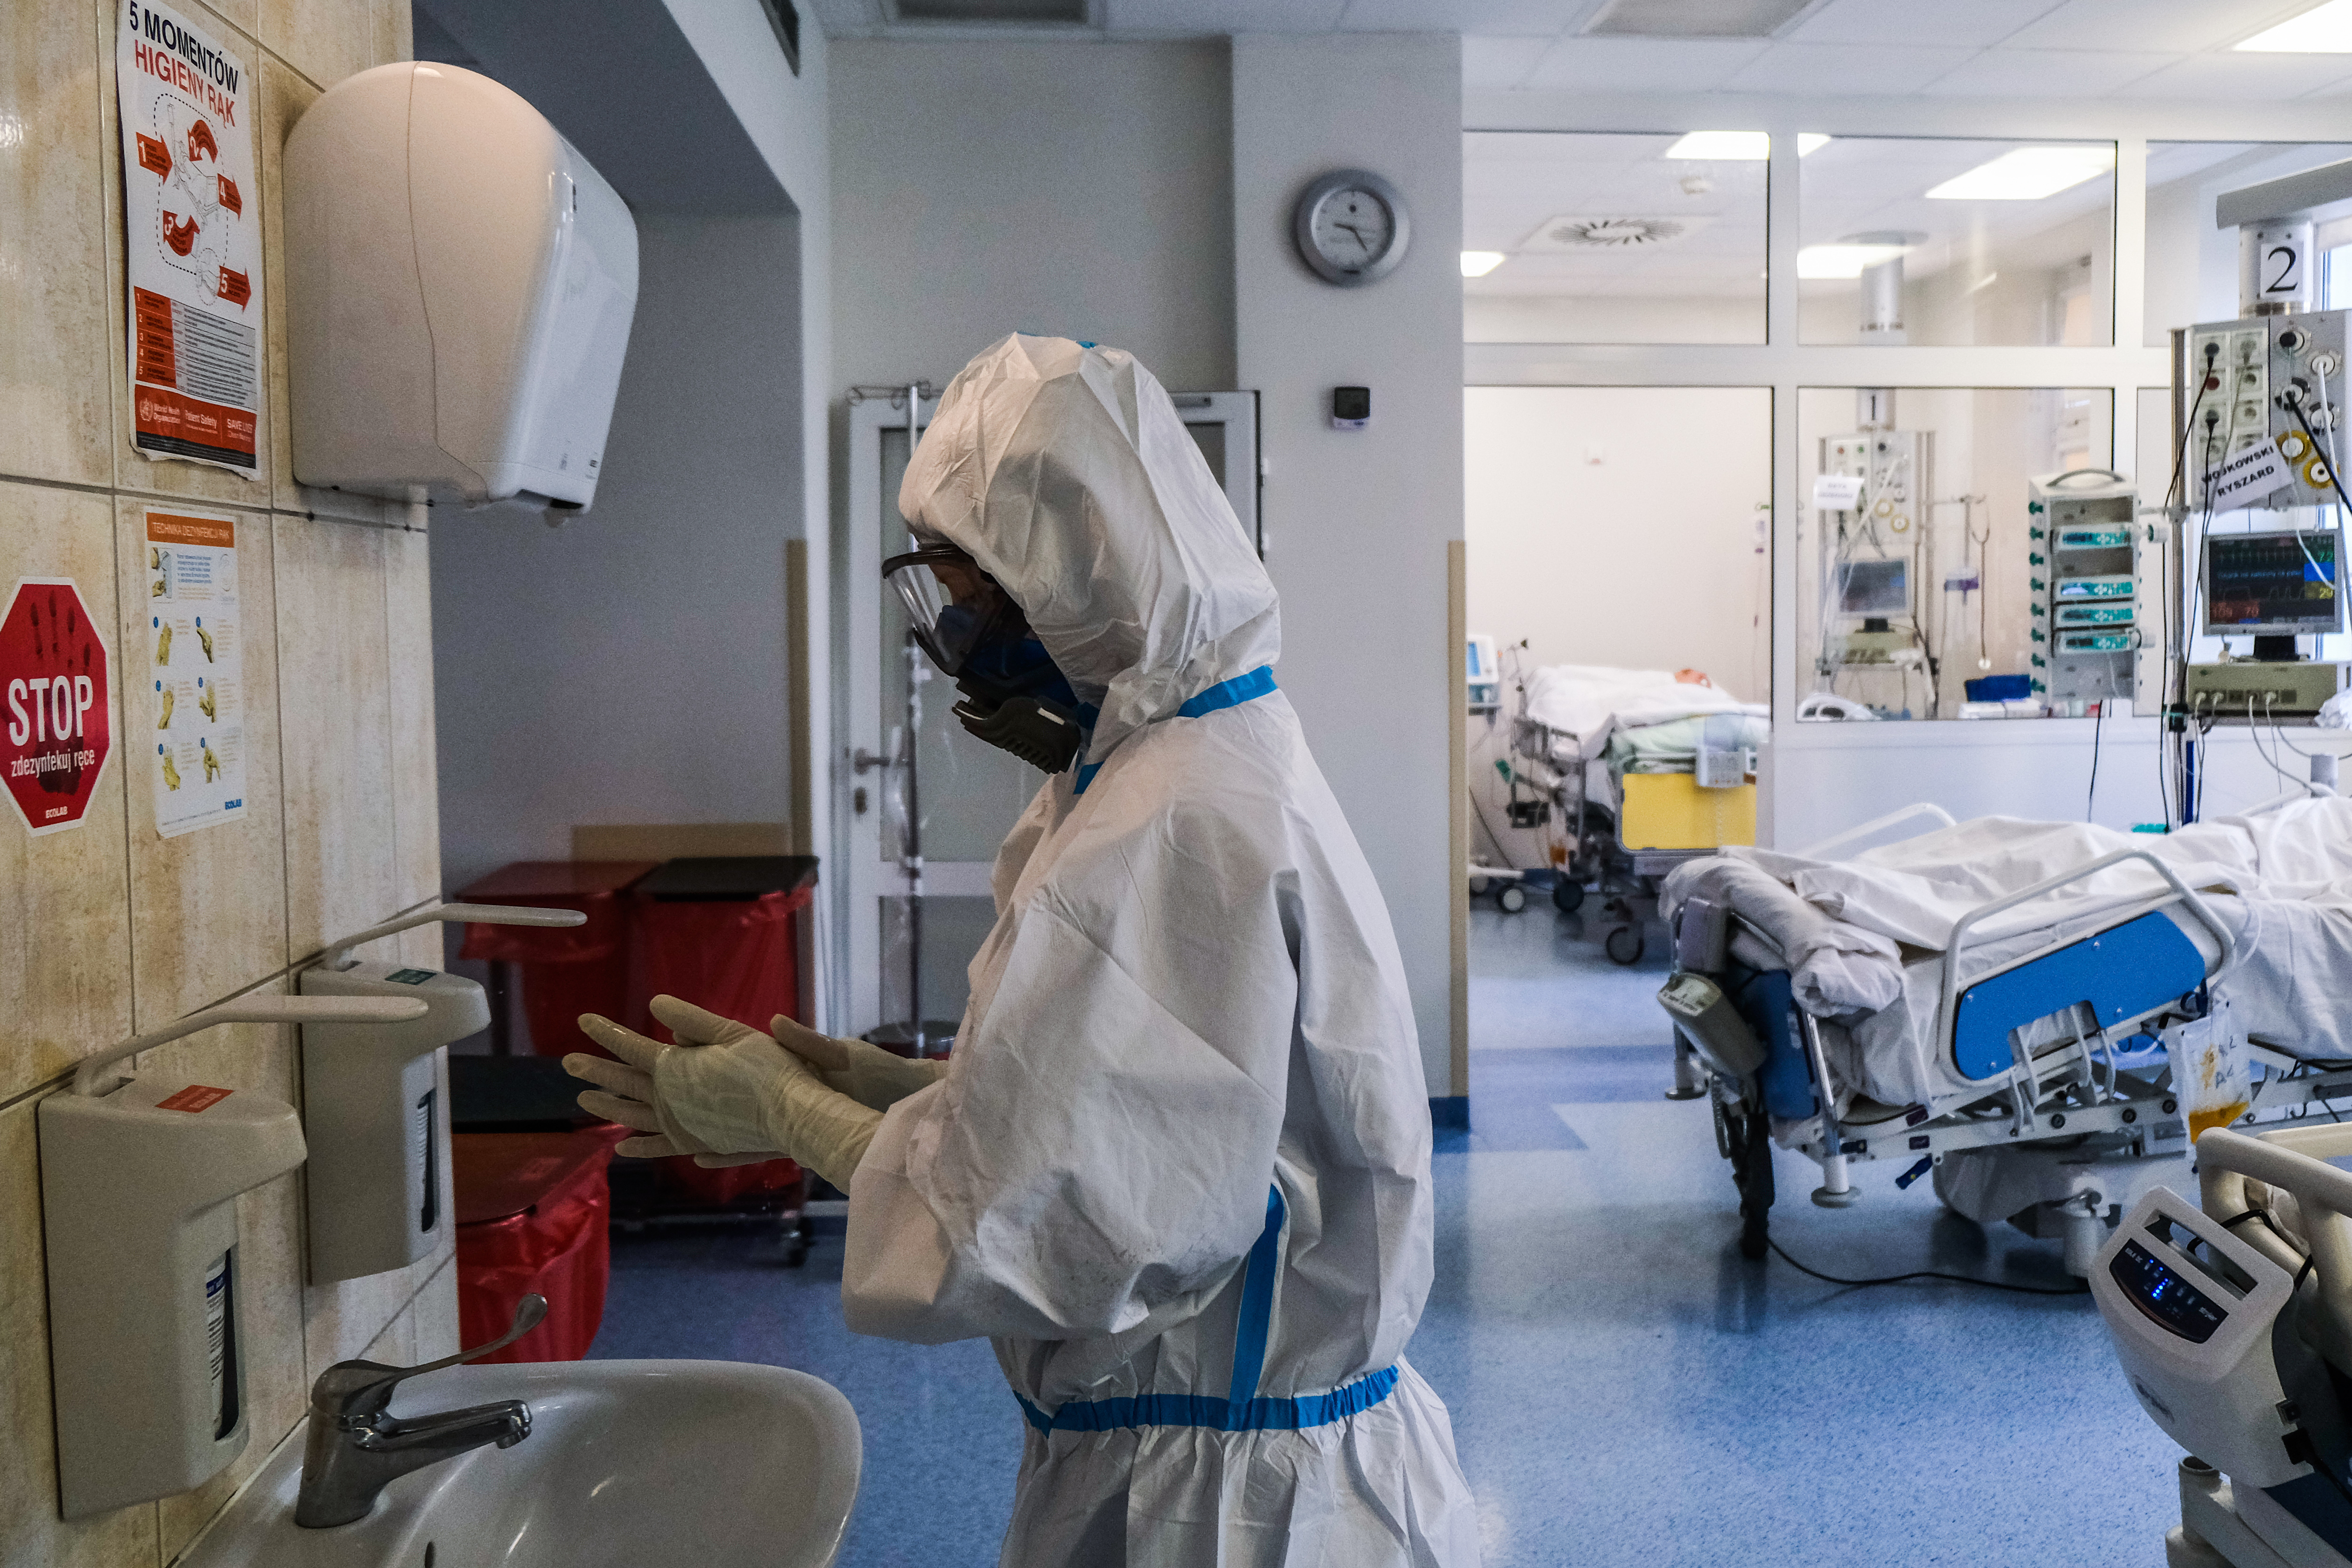 Sok beteg nem közvetlenül a koronavírusba hal bele, hanem az intenzív osztályon kapott különféle fertőzésekbe